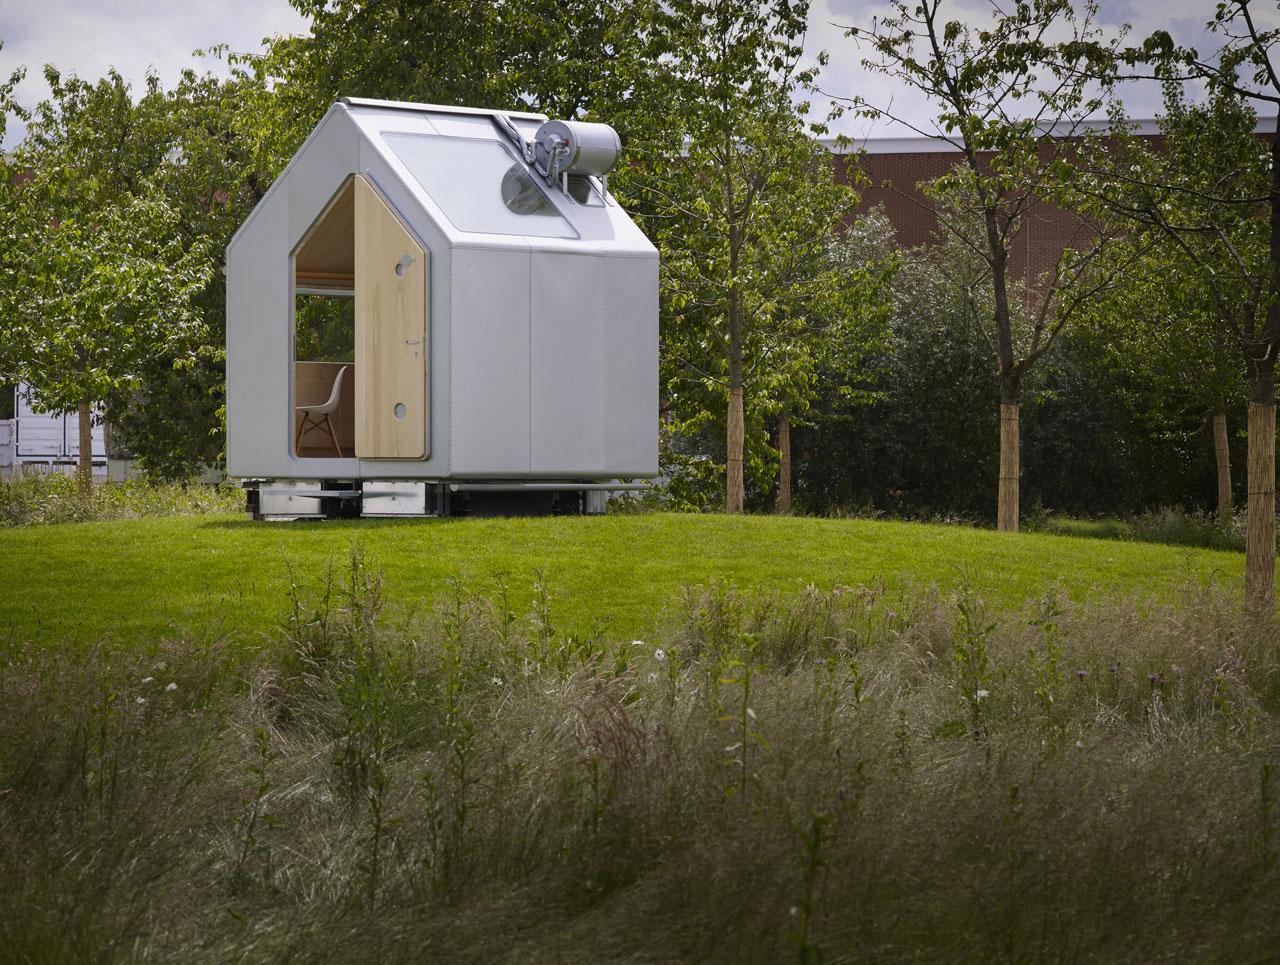 Kuća mala - Sve što vam treba u par kvadrata Diogene_2013_0001771F